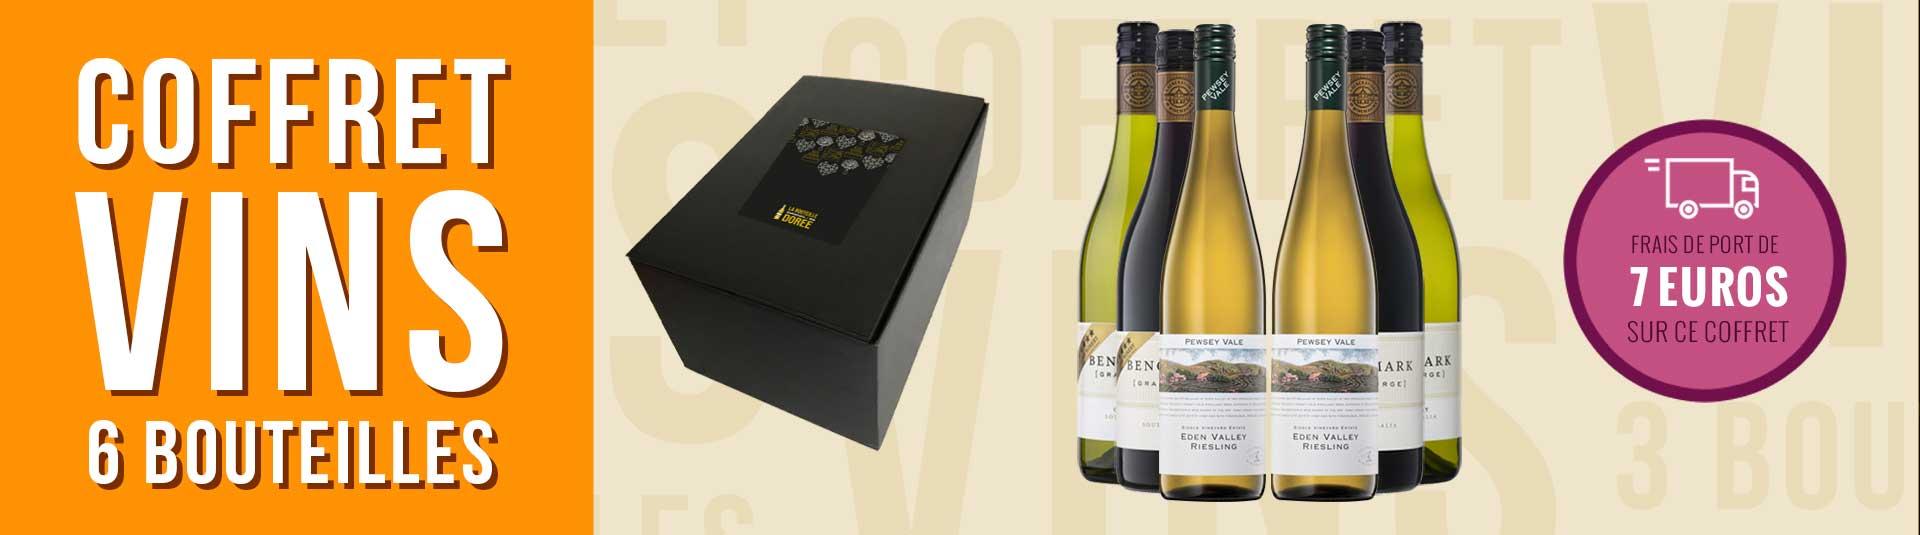 Coffret vin Australie 6 bouteilles